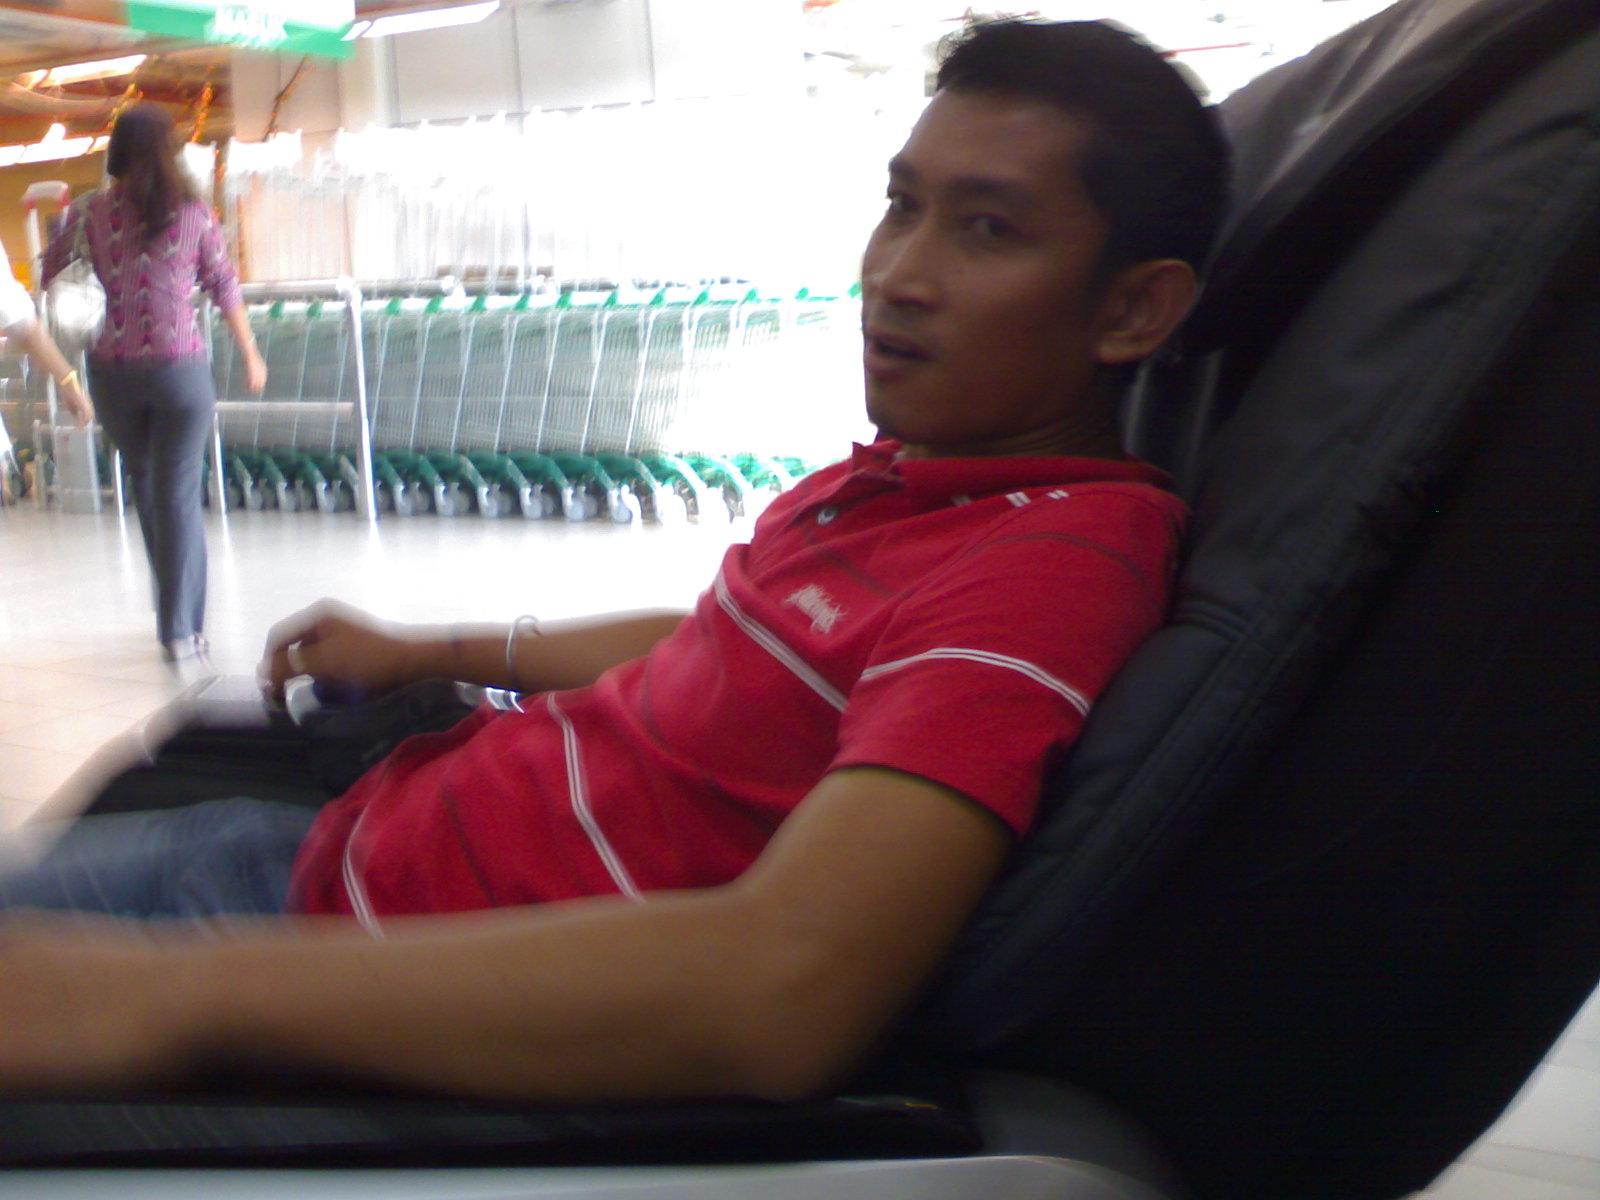 Bontot Bini Orang http://www.pic2fly.com/Bontot+Bini+Orang.html